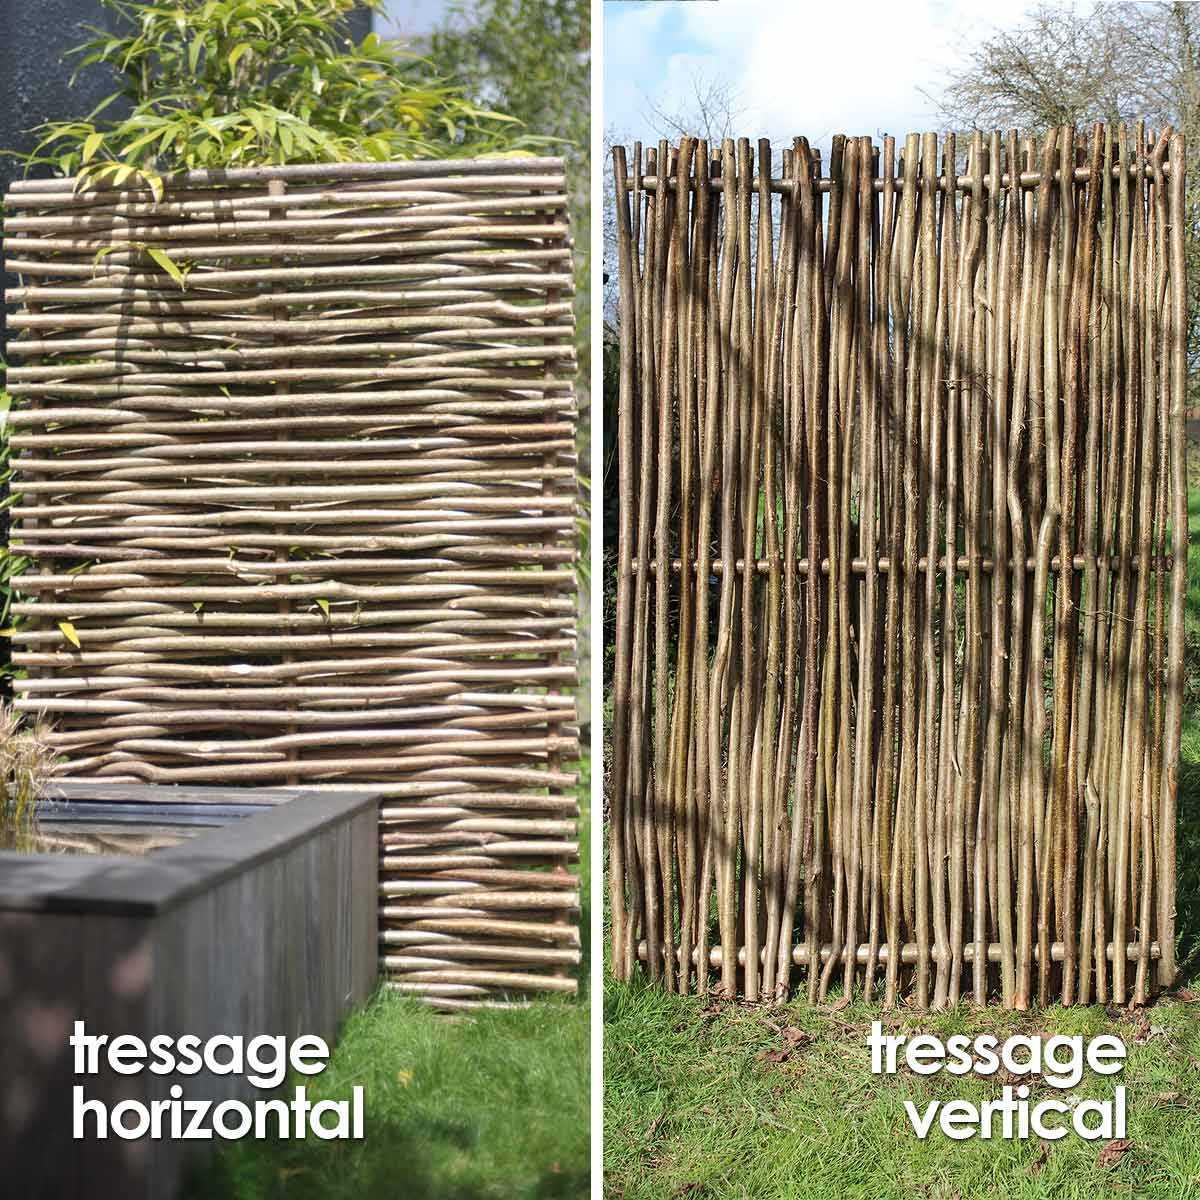 Panneau Noisetier Tressage Horizontal Ou Vertical pour Brise Vue Cloture Jardin